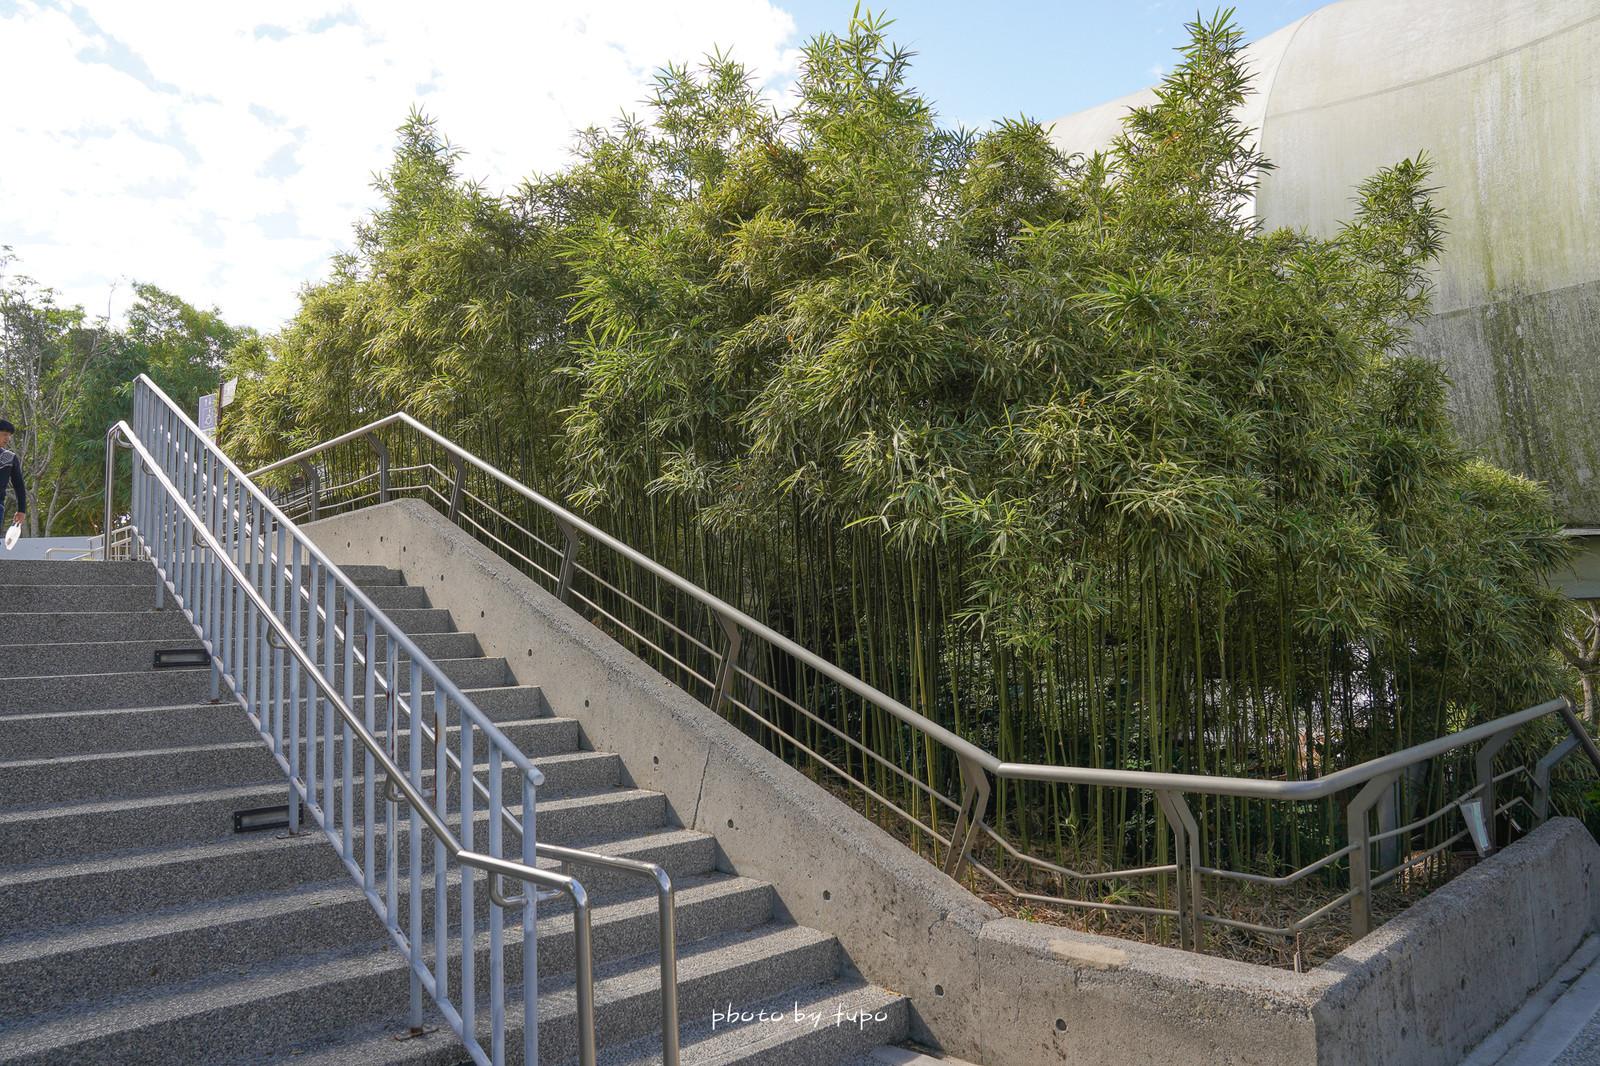 南投竹山》竹山文化園區~全台最大的竹子建築,佔地6.8公頃,多款復古童玩免費玩,親子室內景點